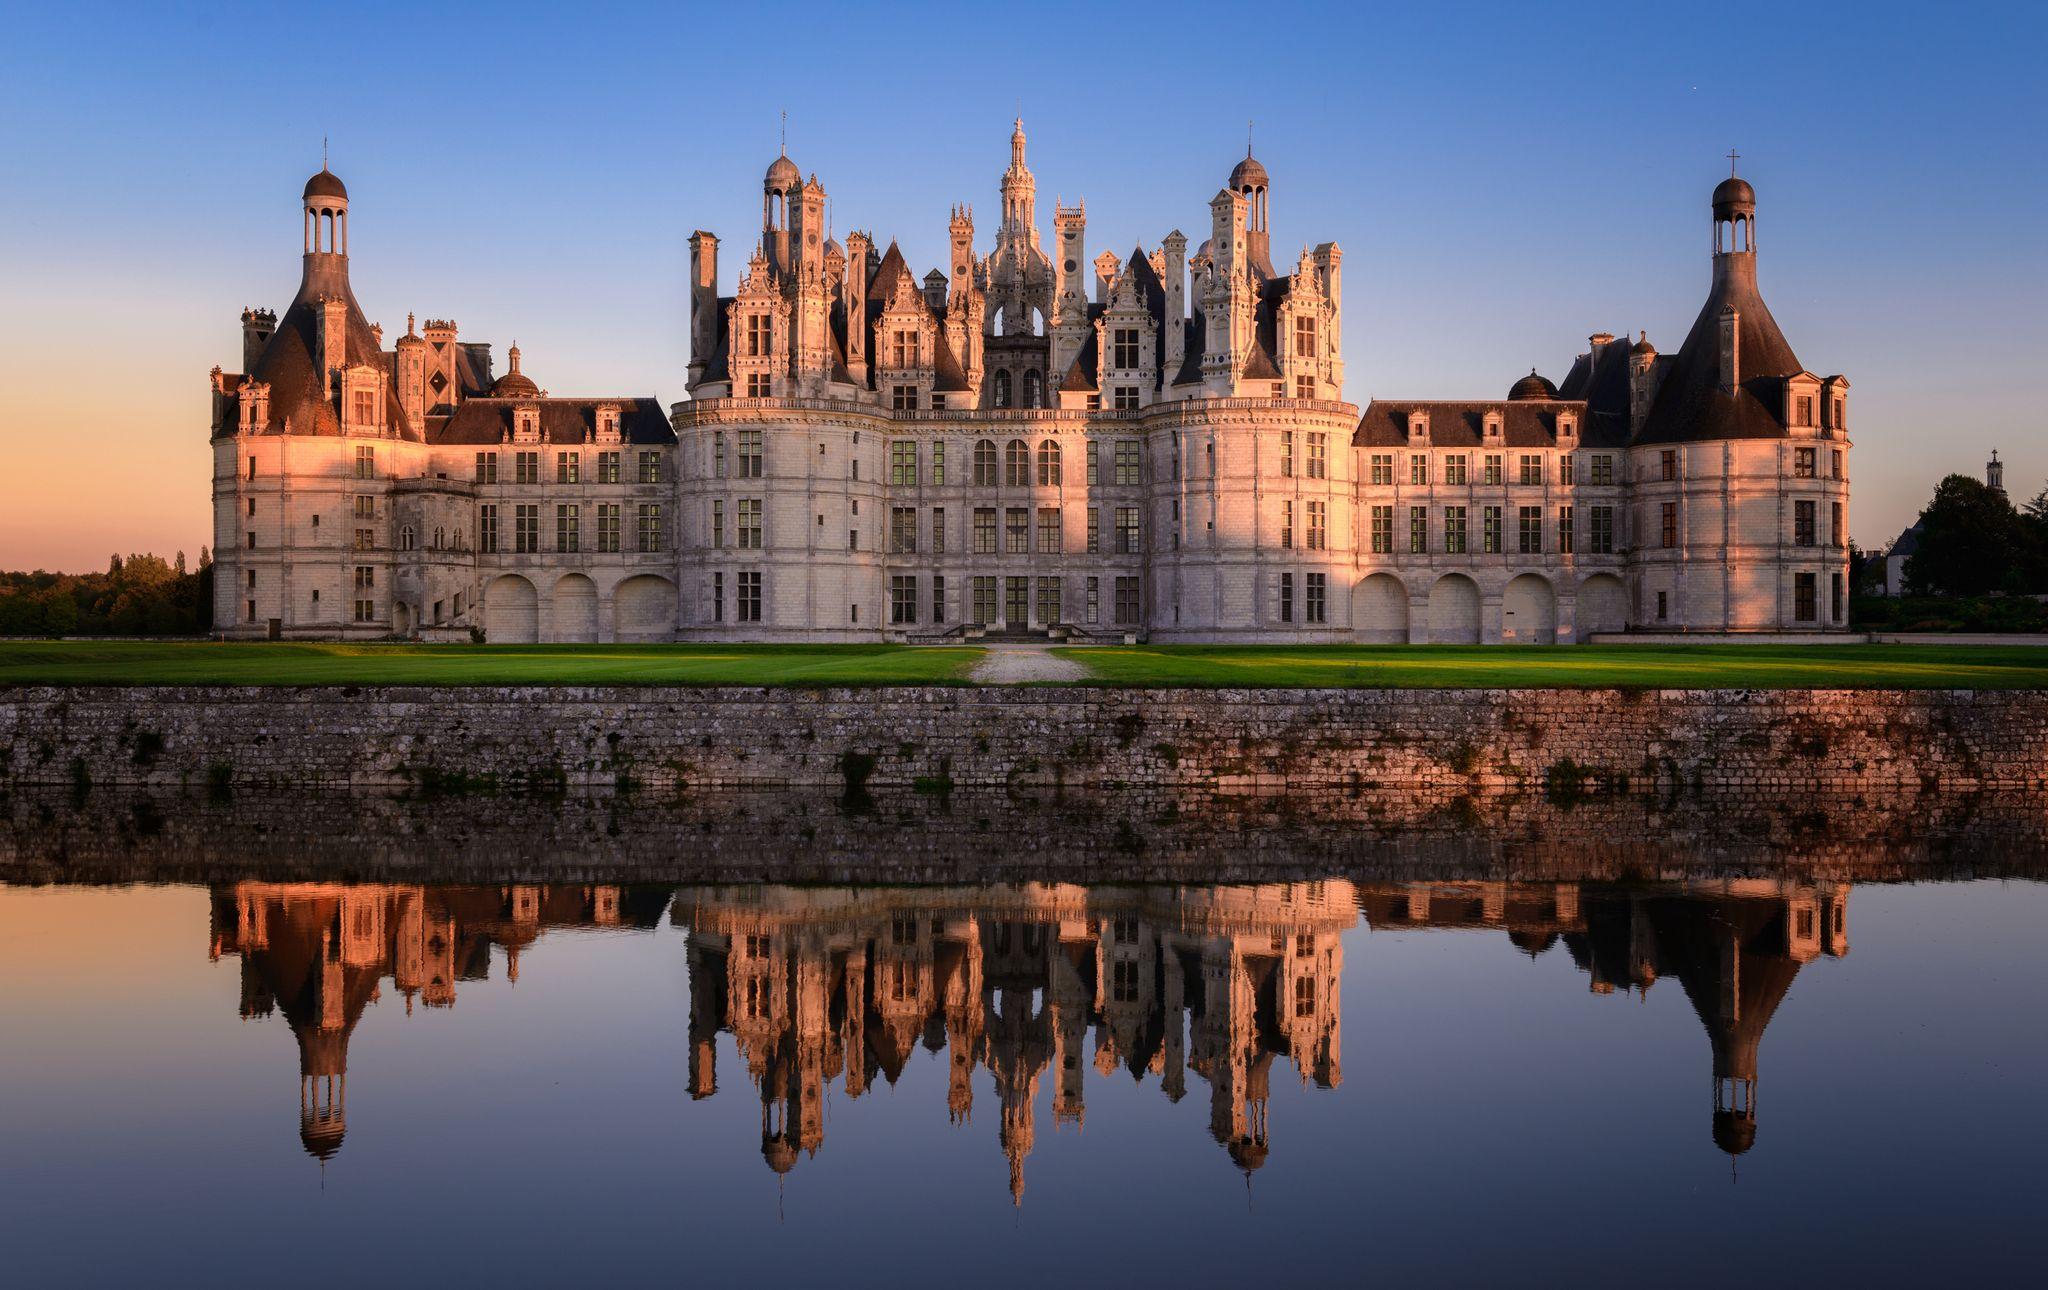 Κάστρο του Σαμπόρ, Σαμπόρ, Λουάρ-ε-Σερ, Γαλλία